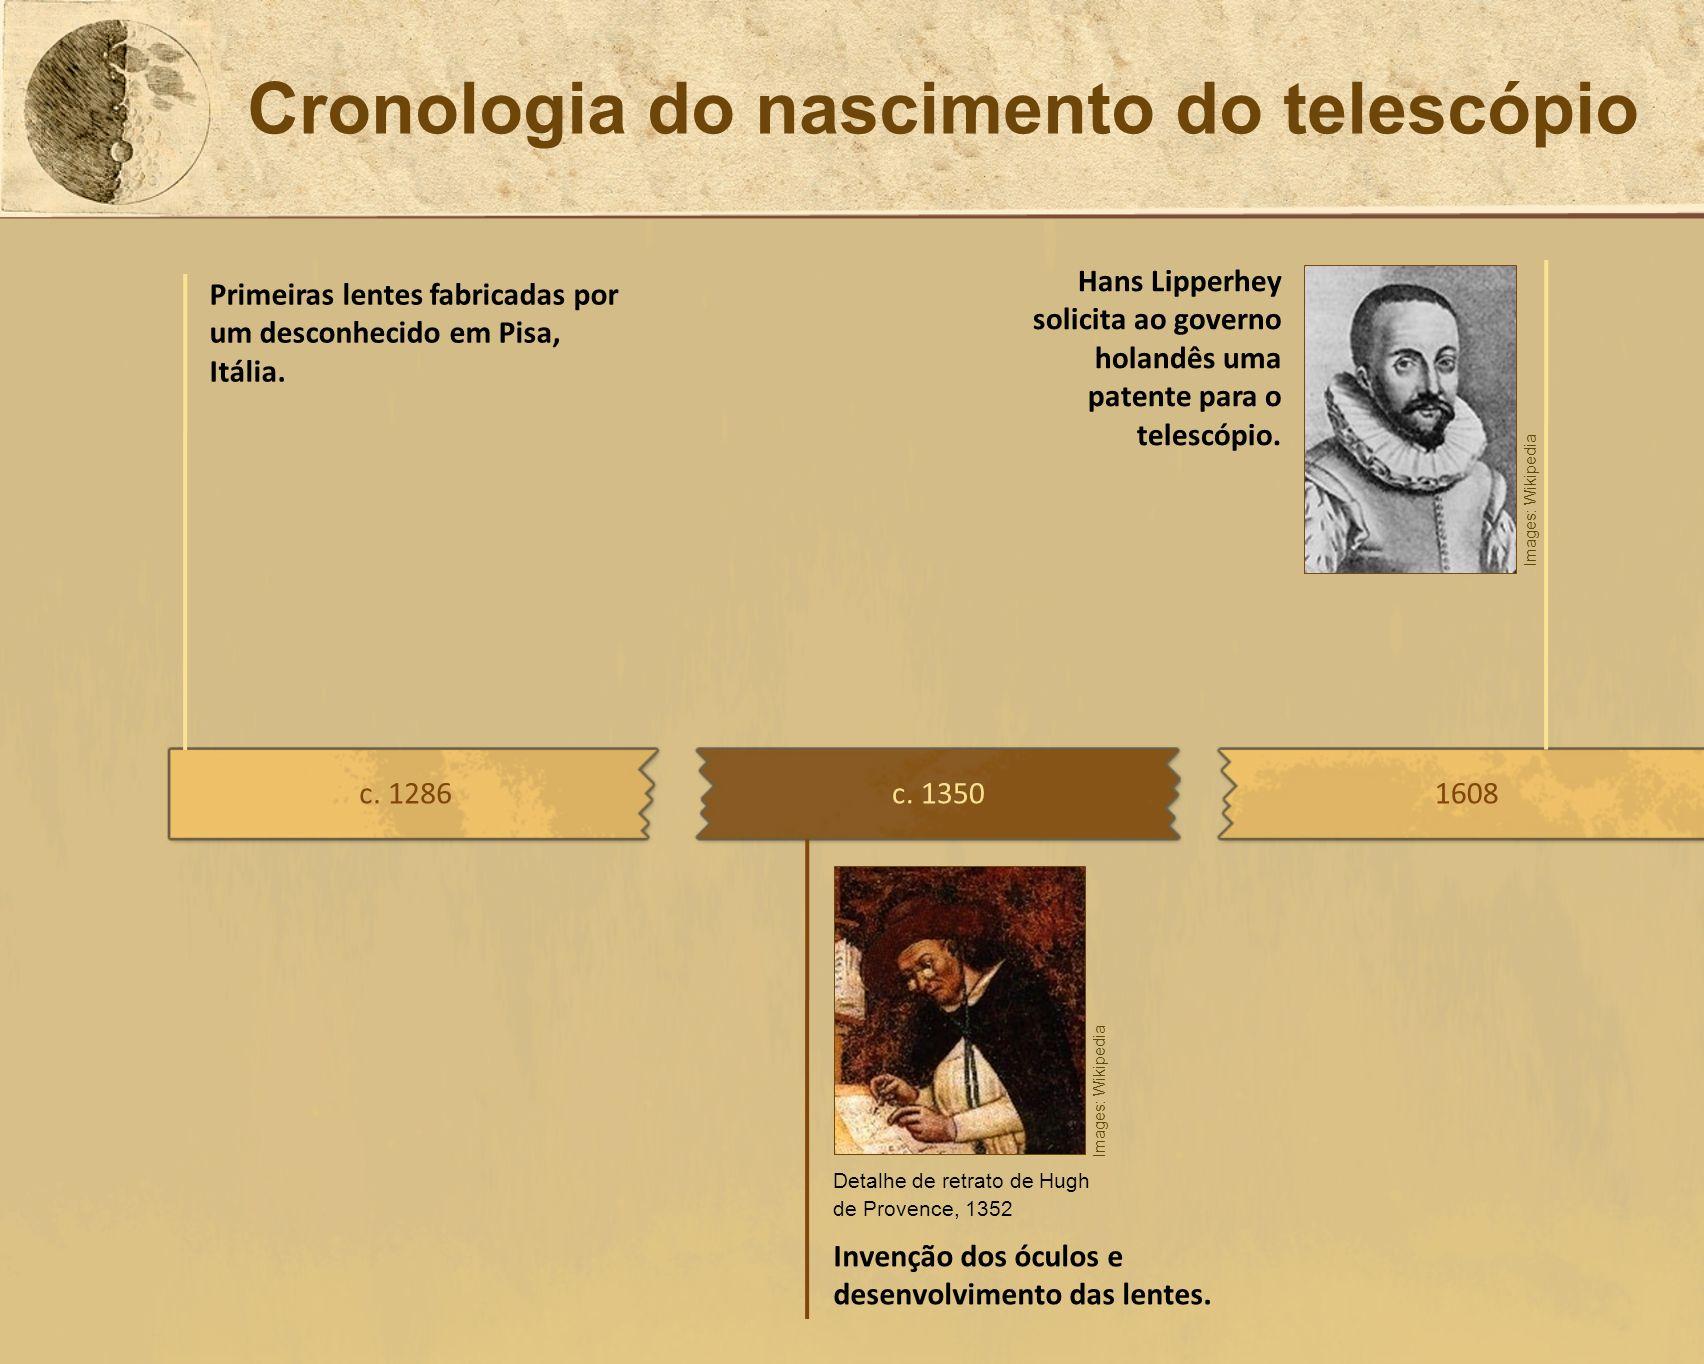 Cronologia do nascimento do telescópio